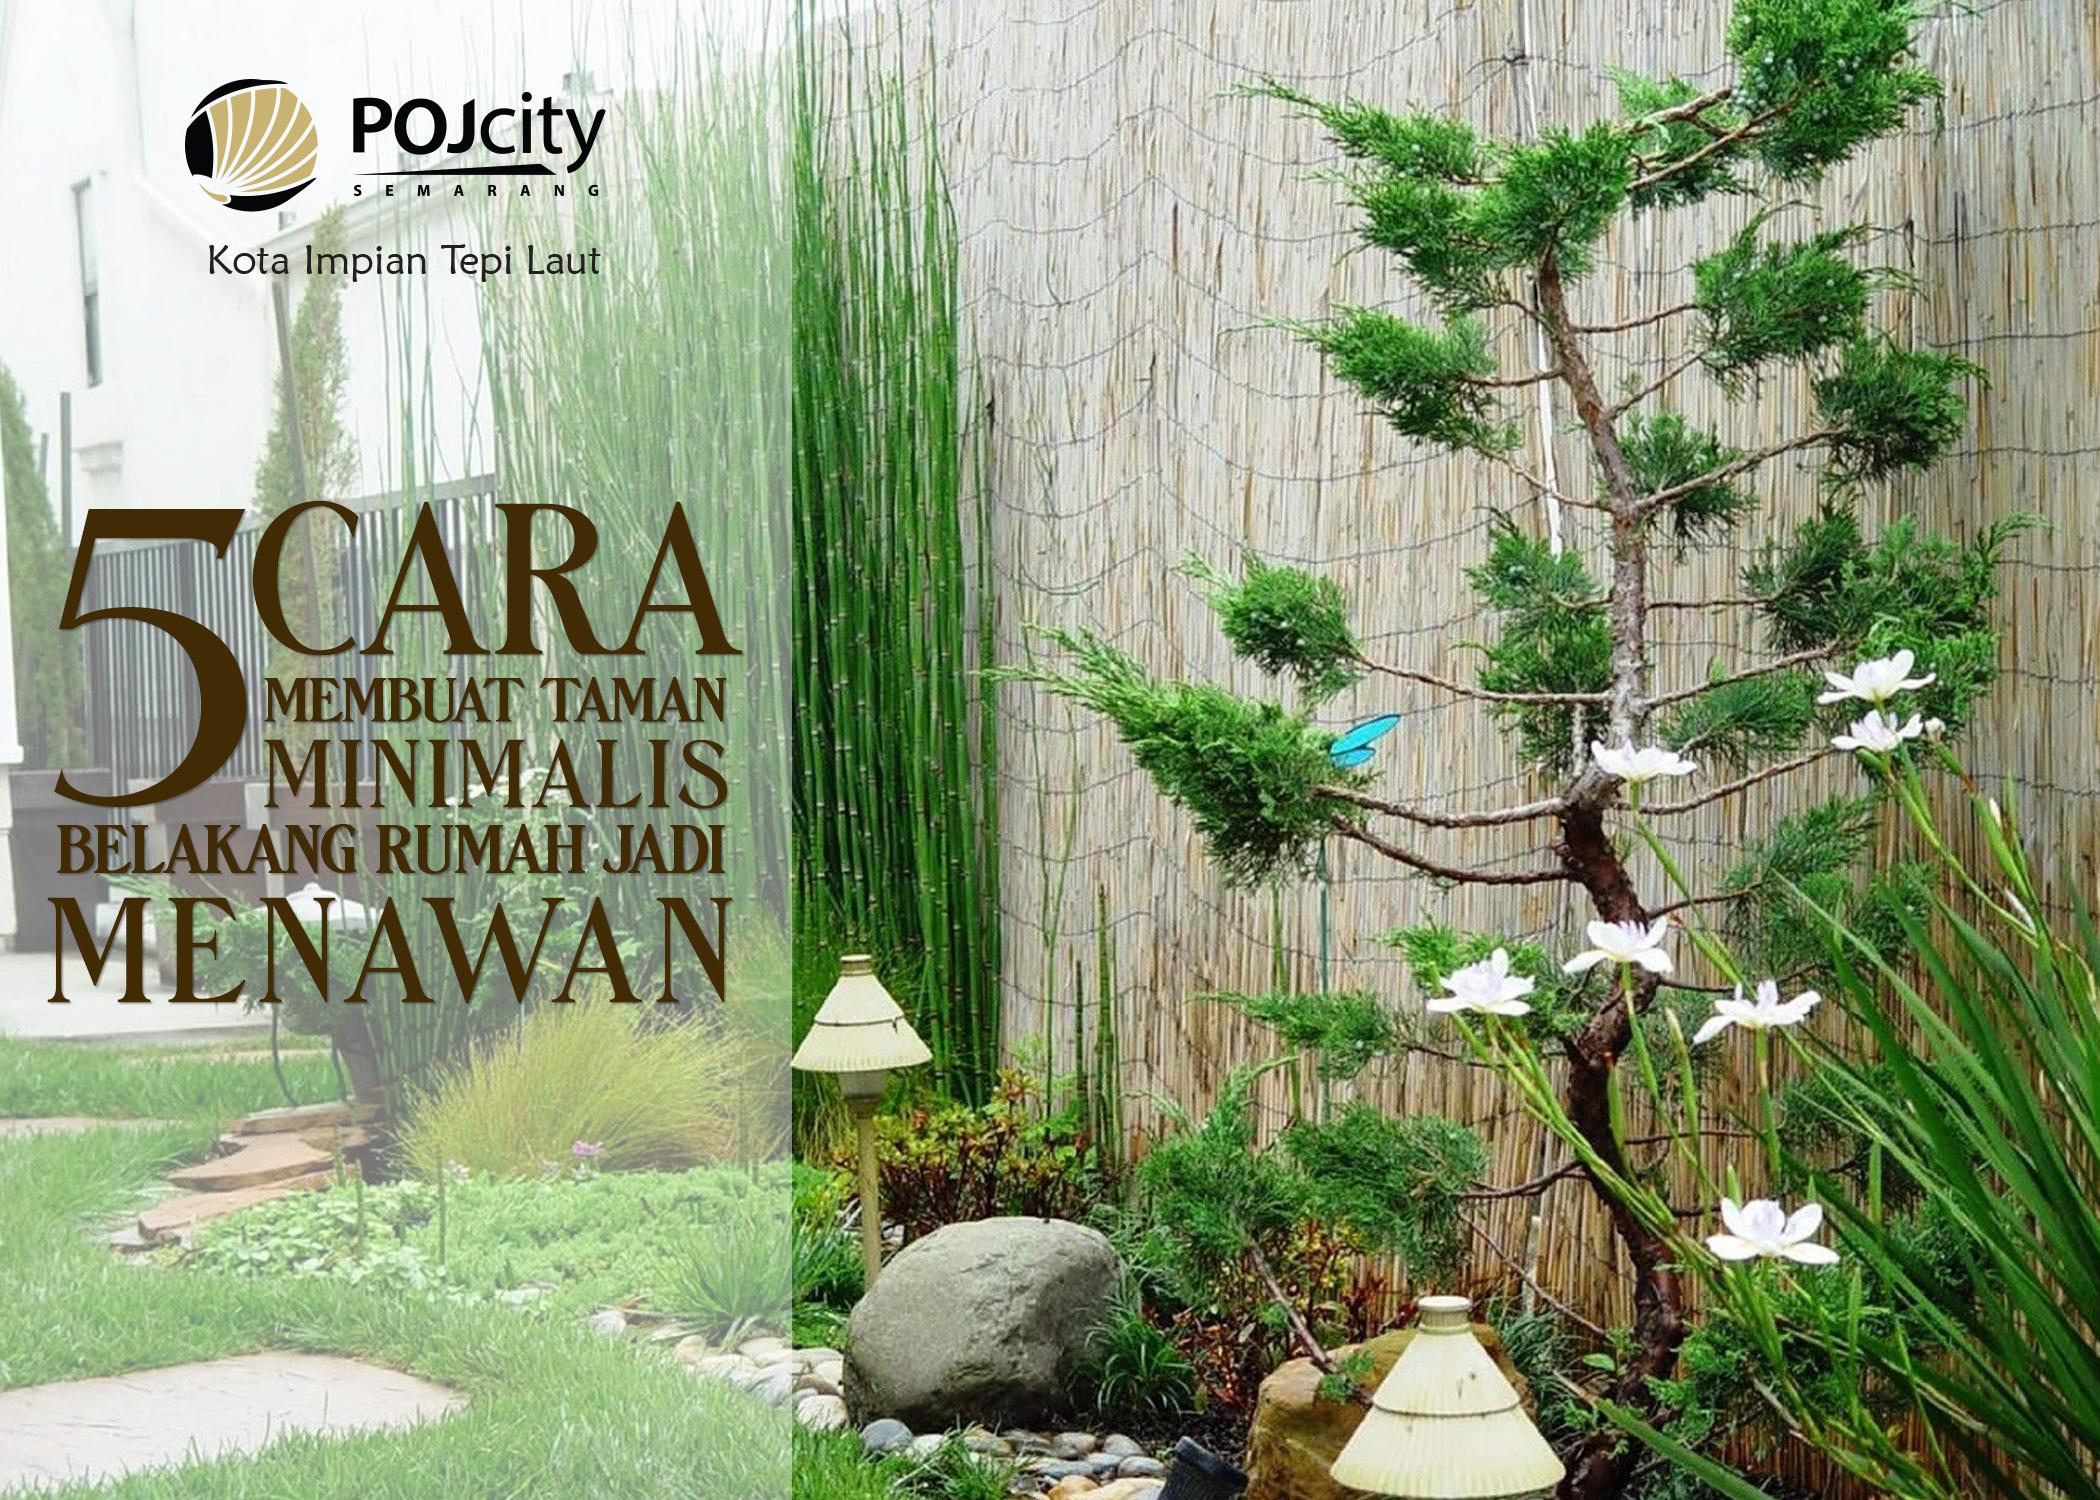 5 Cara Membuat Taman Minimalis Belakang Rumah Jadi Menawan Pearl Of Java Tips membuat taman minimalis